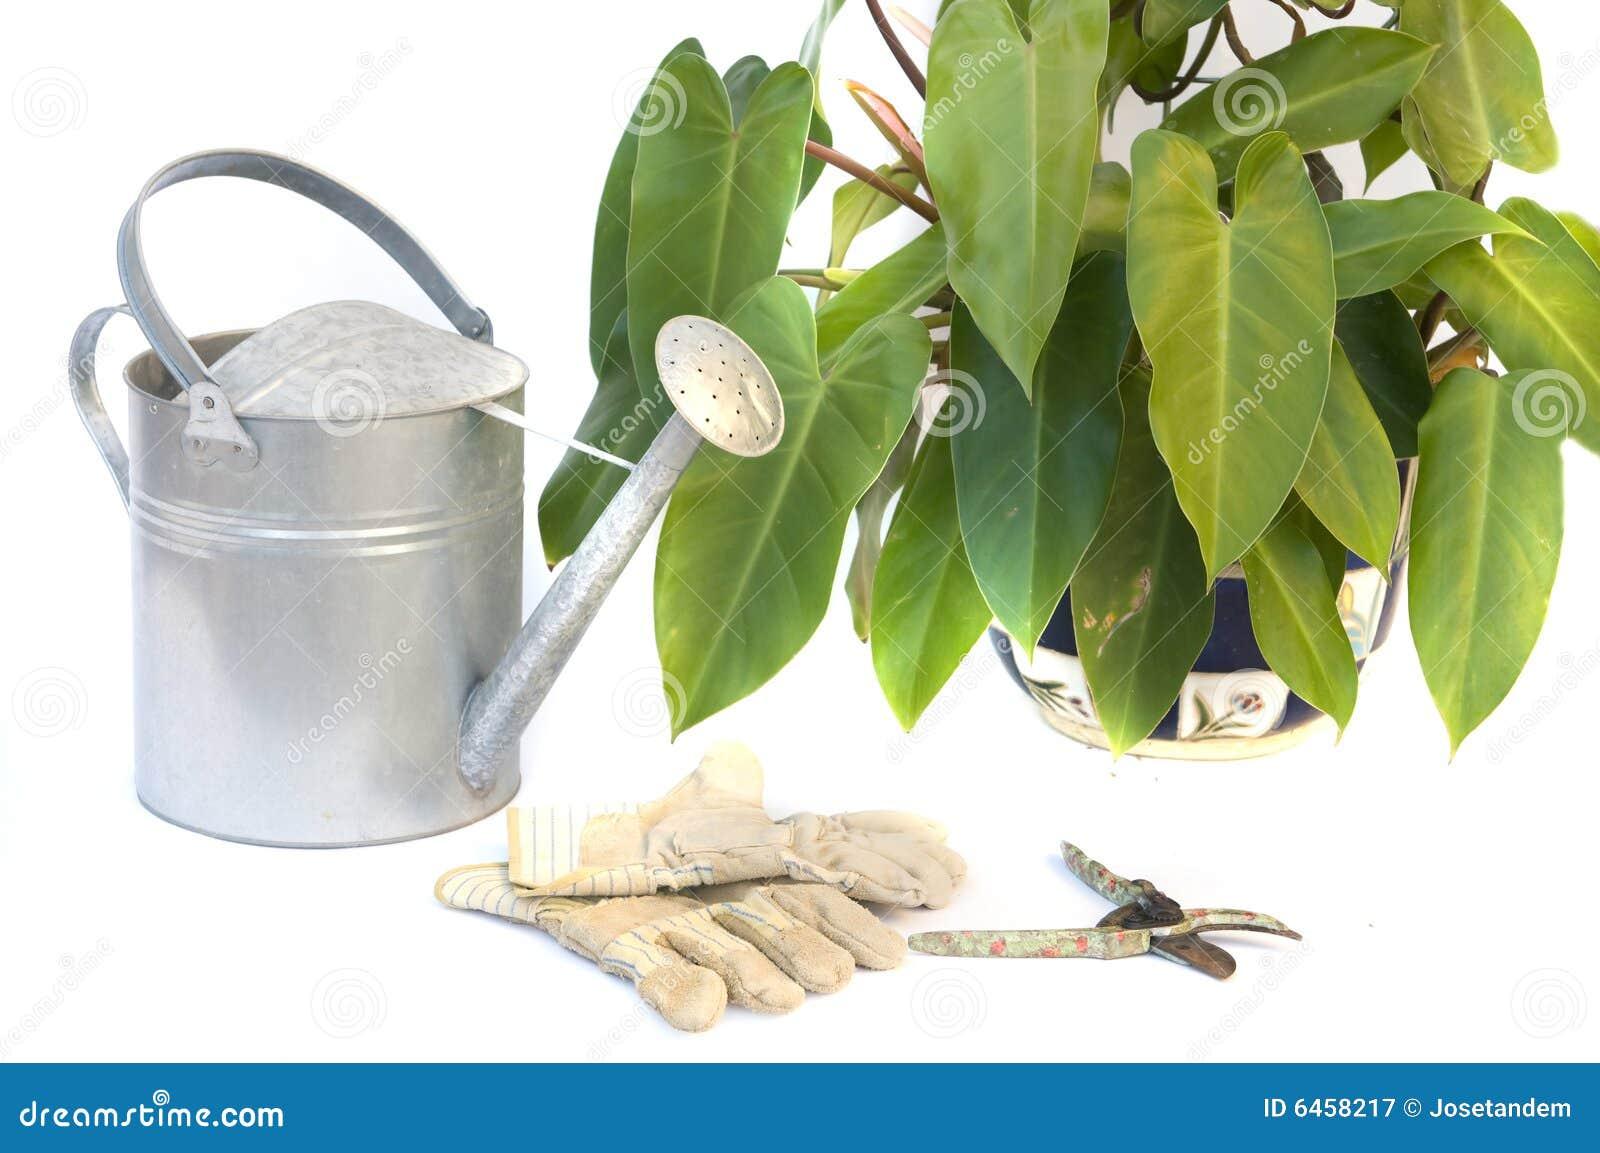 Rękawiczki ogrodowe odizolować strzyżenia przycinający białych